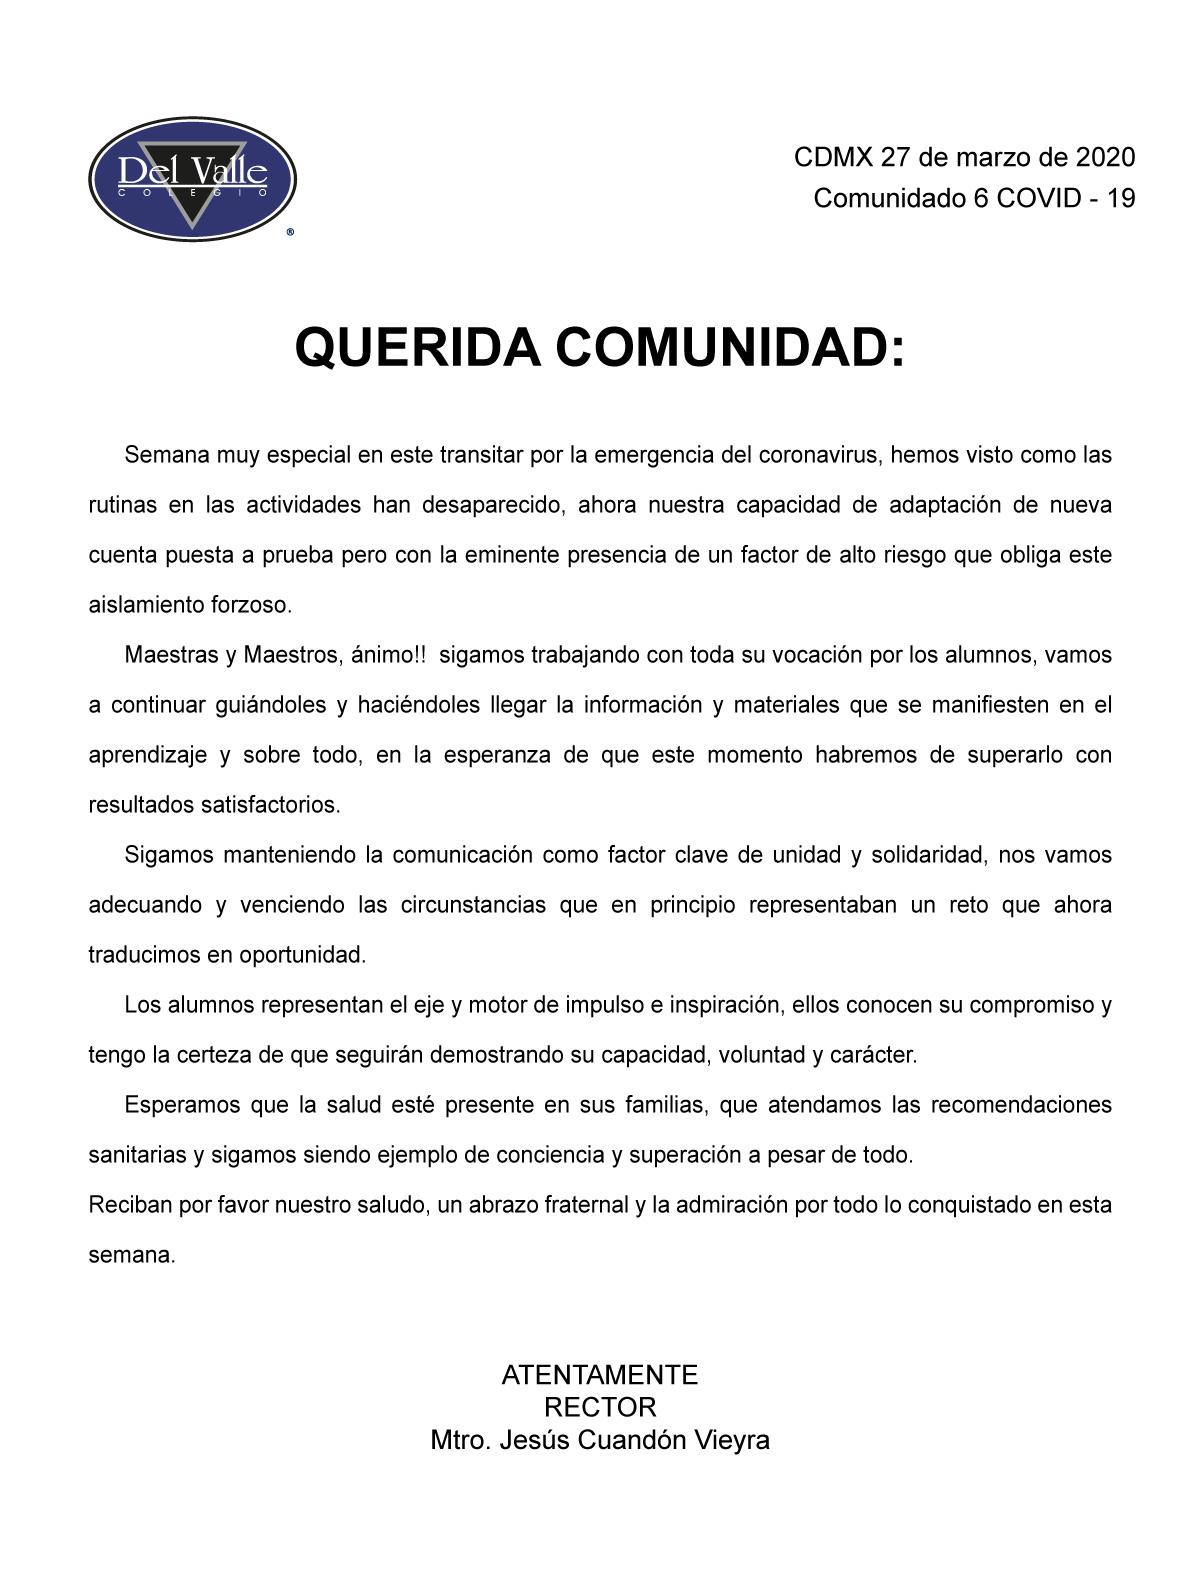 Colegio Del Valle - Comunicado del 27 marzo sobre COVID-19